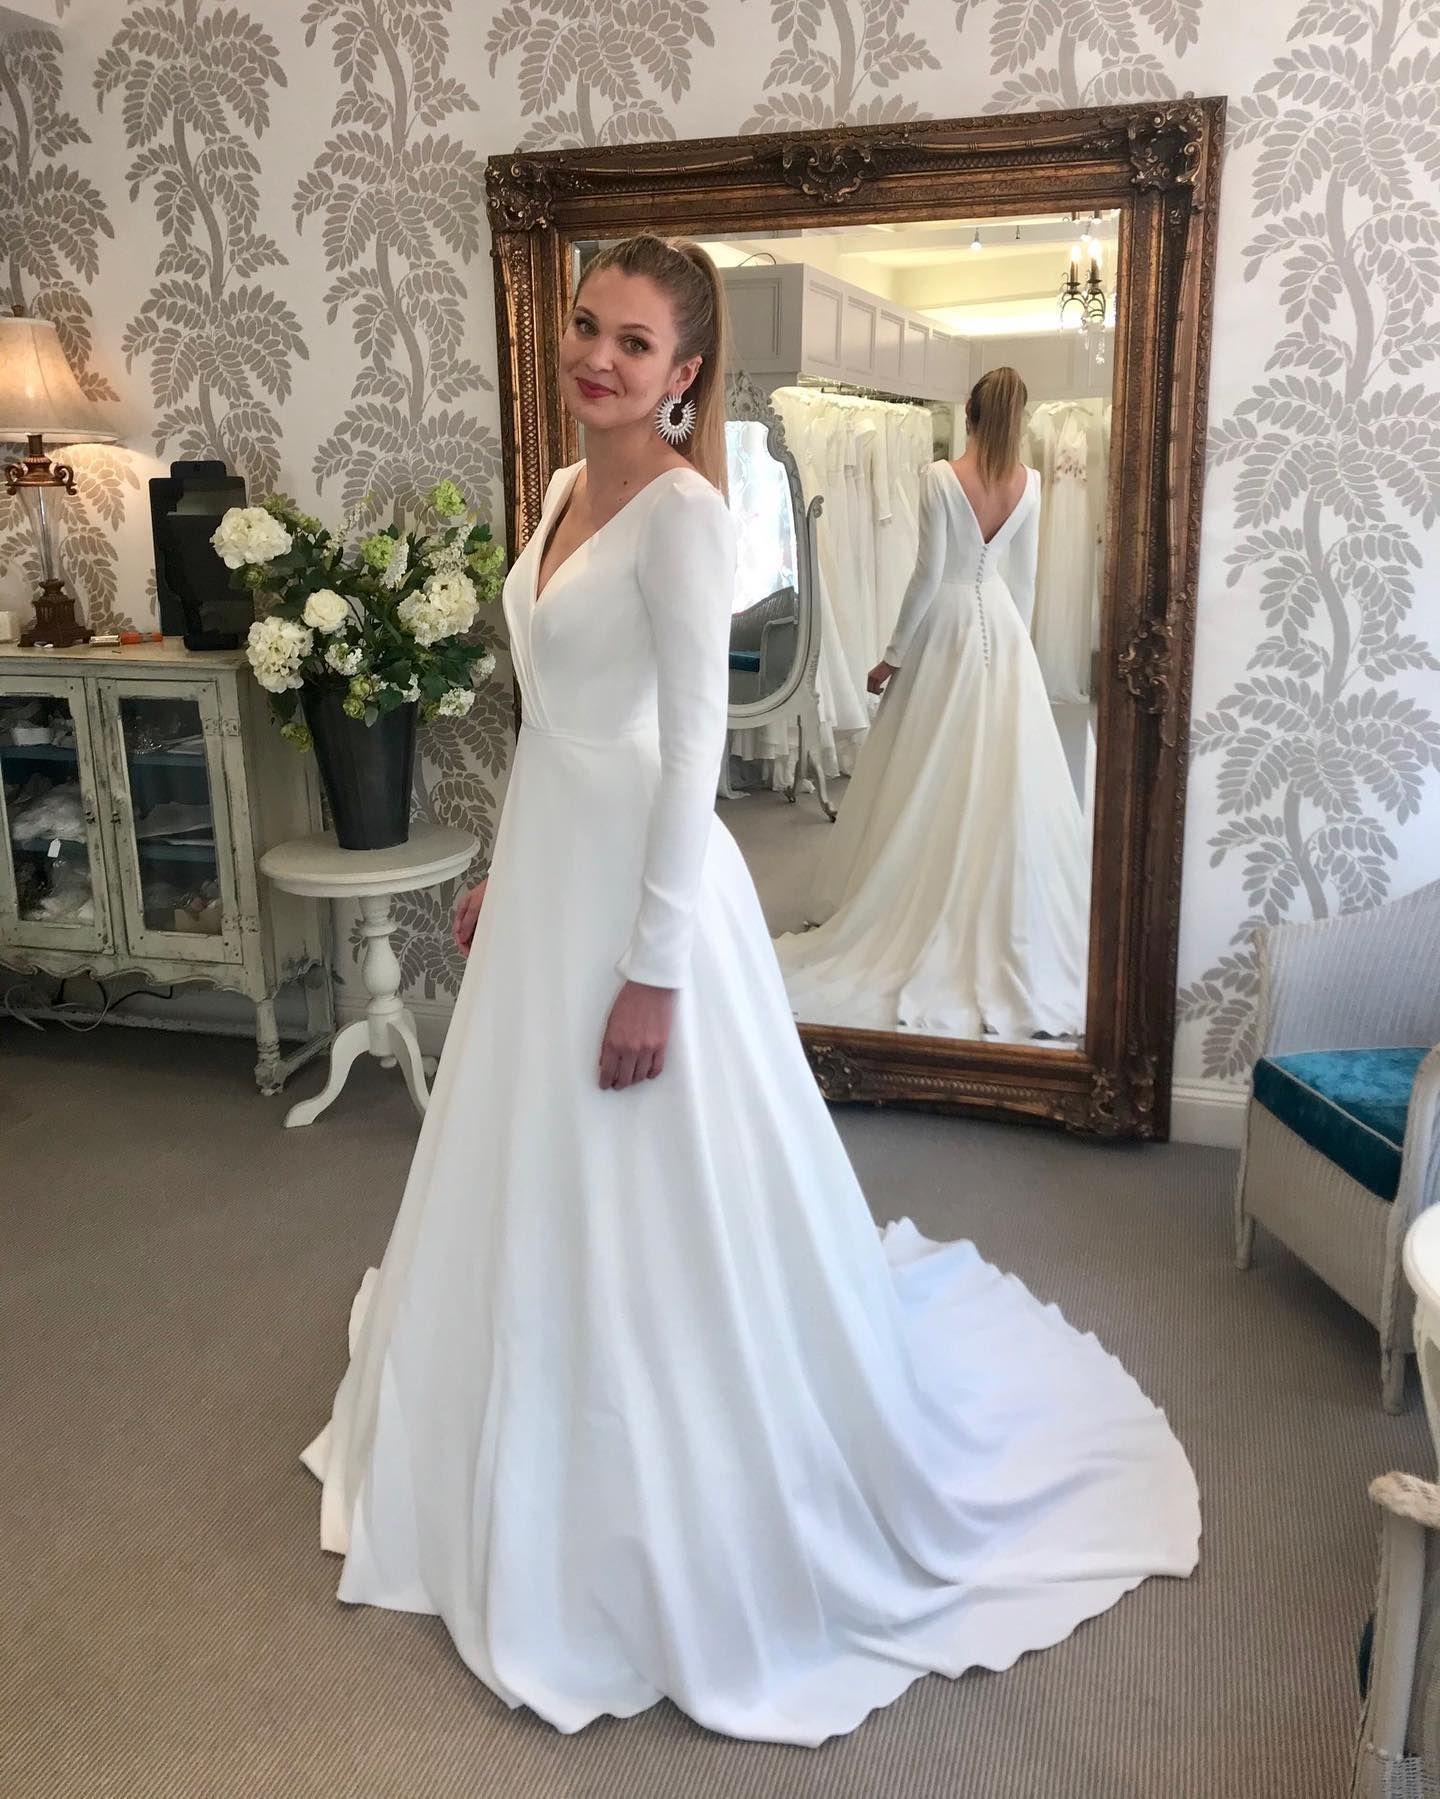 Suzanne Neville Admire Wedding Dress In 2021 Wedding Dresses Suzanne Neville Wedding Dresses Dresses [ 1799 x 1440 Pixel ]